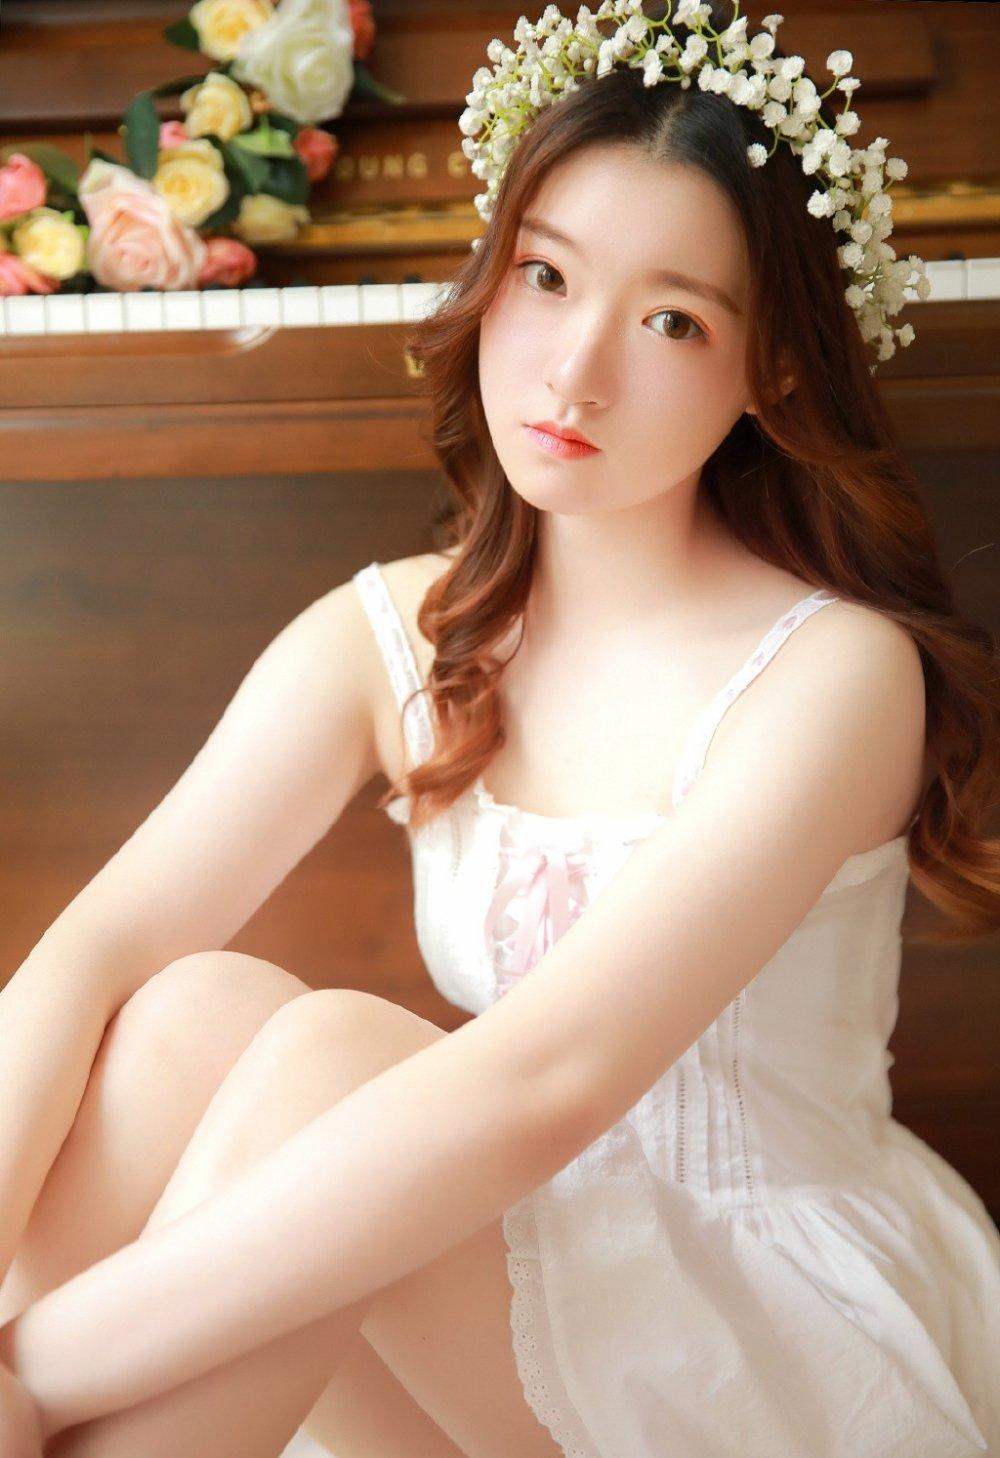 森林气质美女蕾丝婚纱长裙清纯养眼空灵写真图片